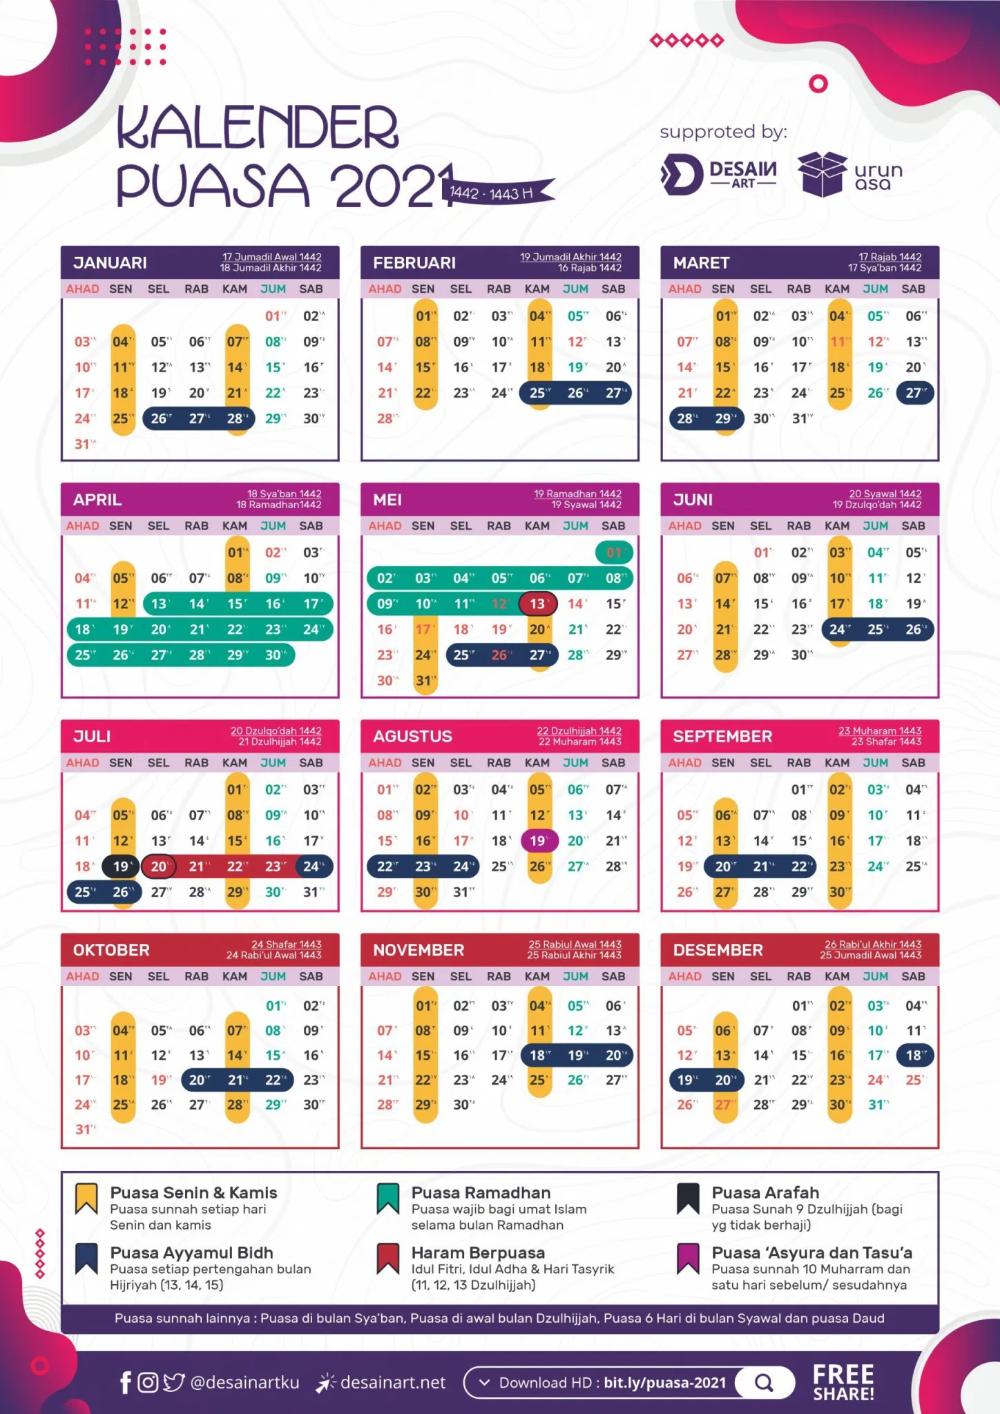 Kalender Puasa 2021 - Download - DESAINART